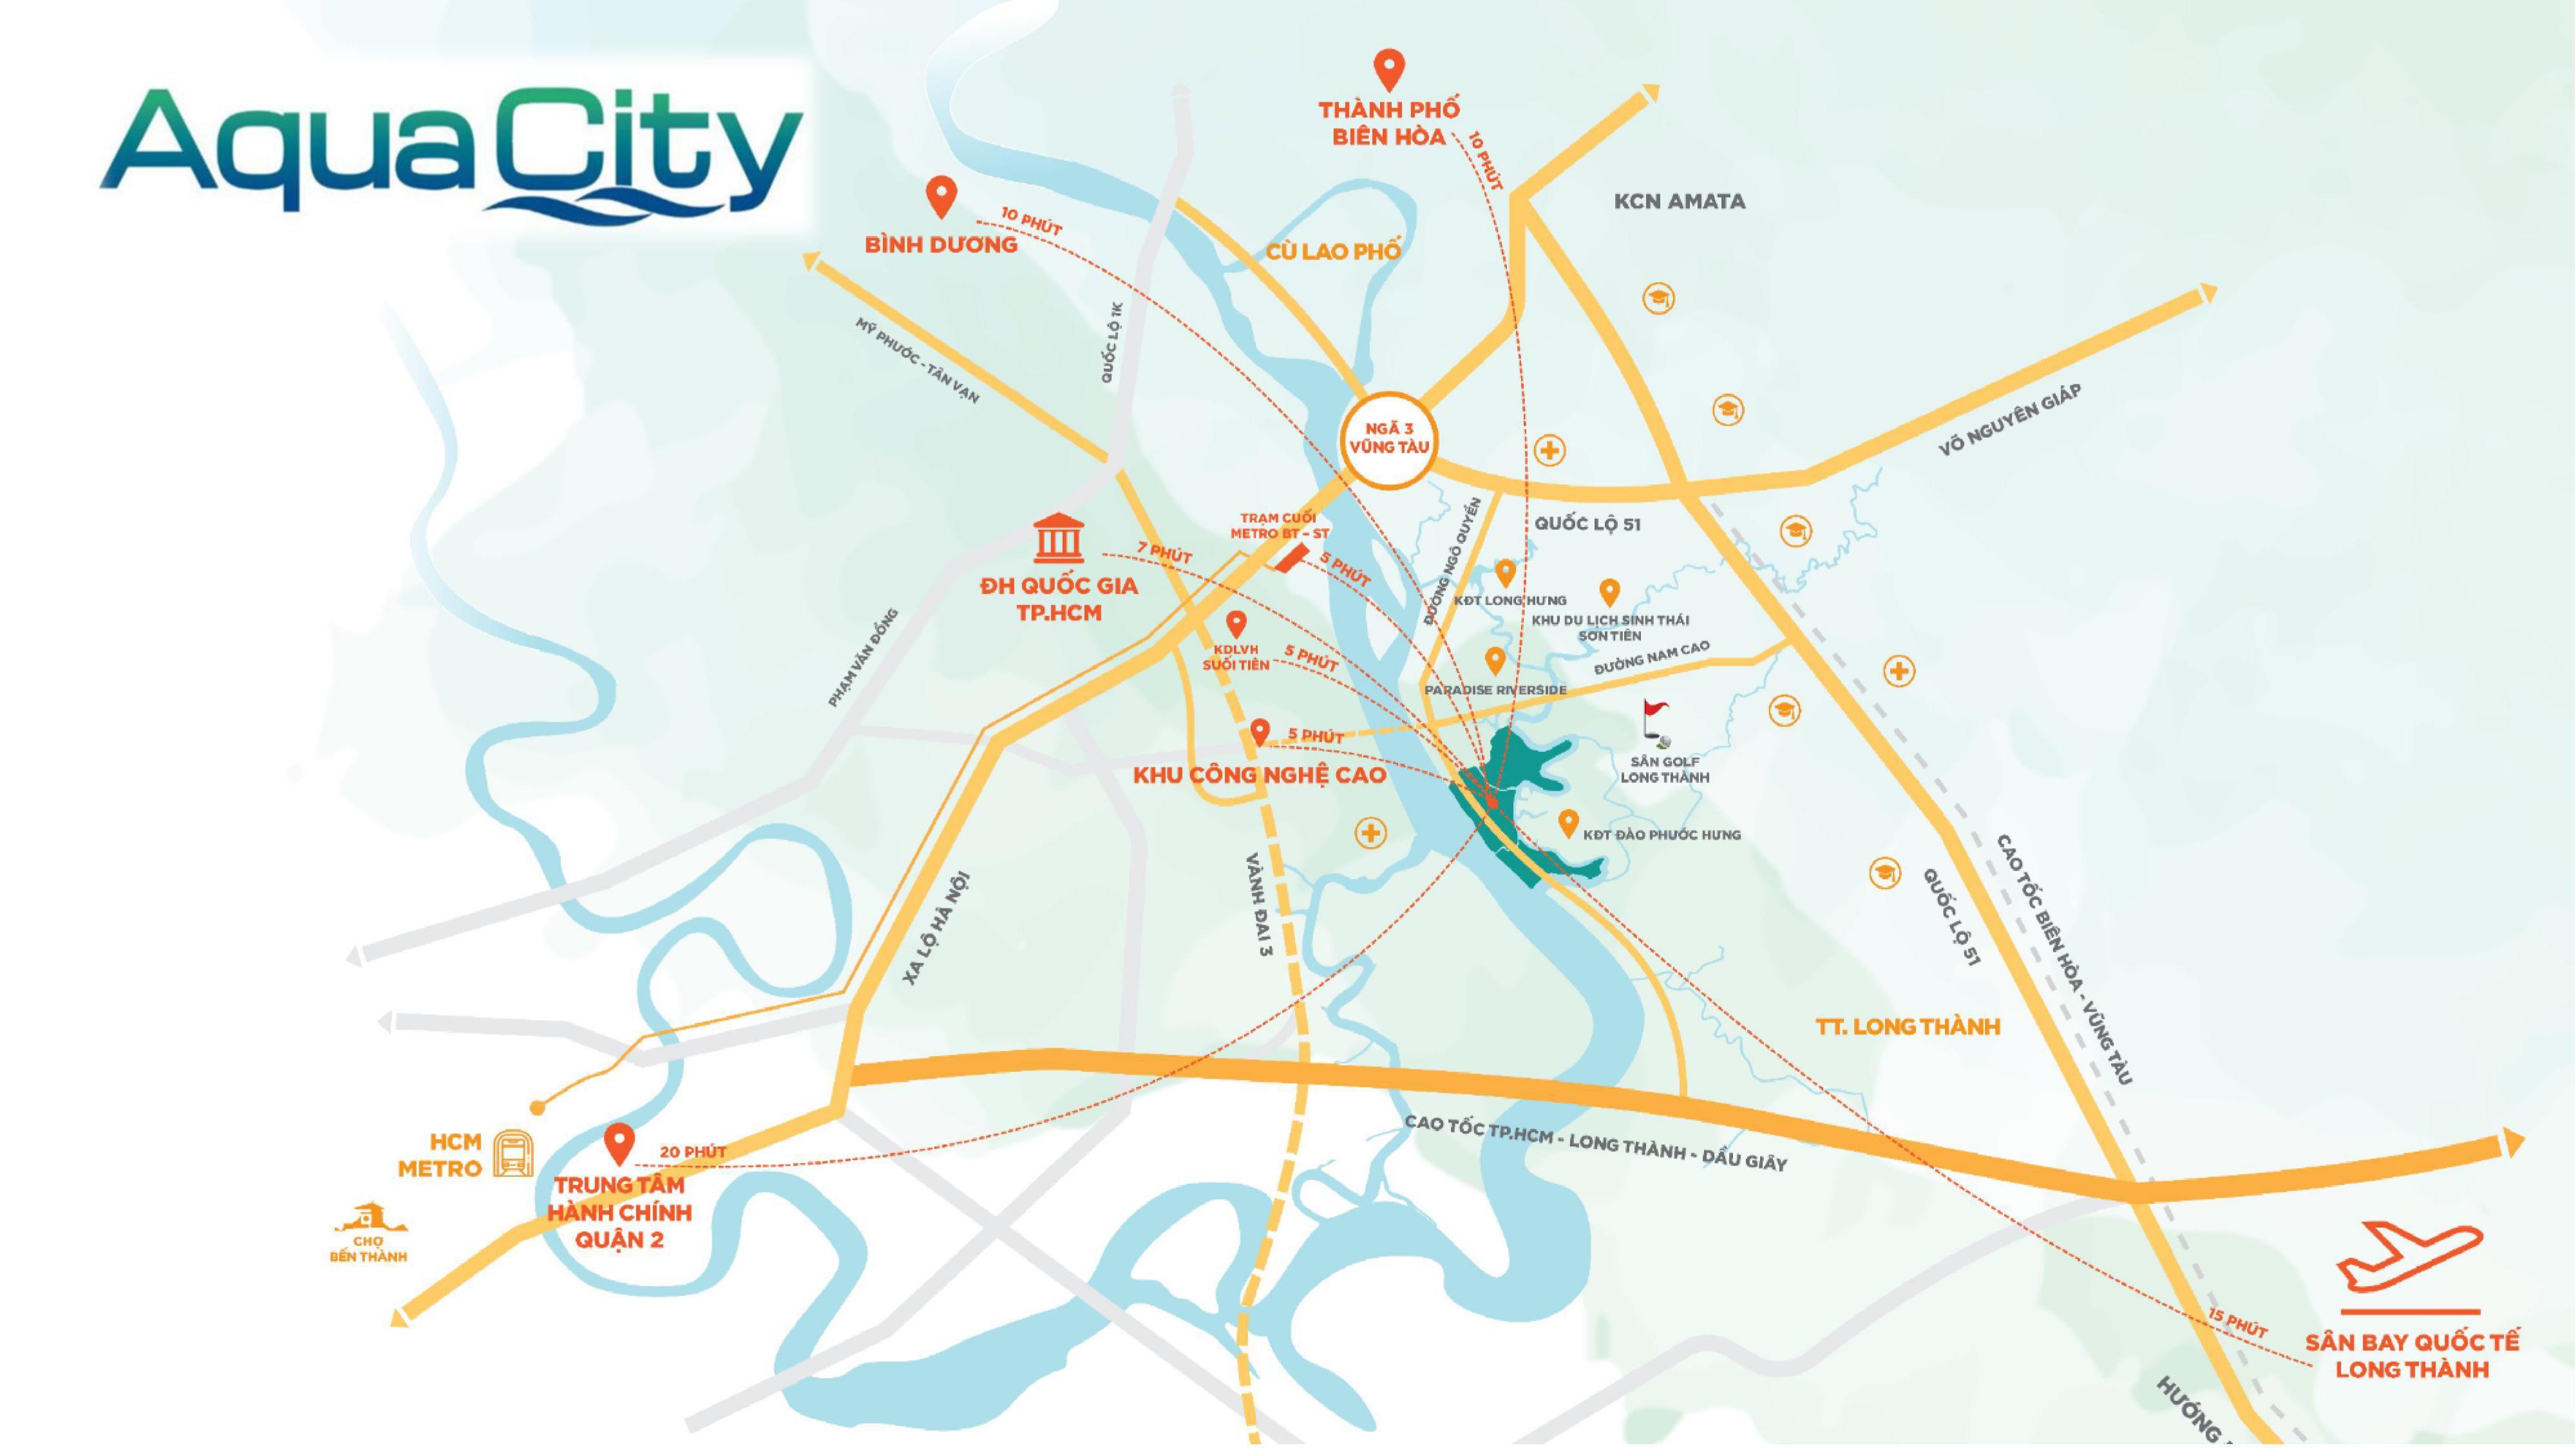 Chính sách dự án Aqua City ra sao?